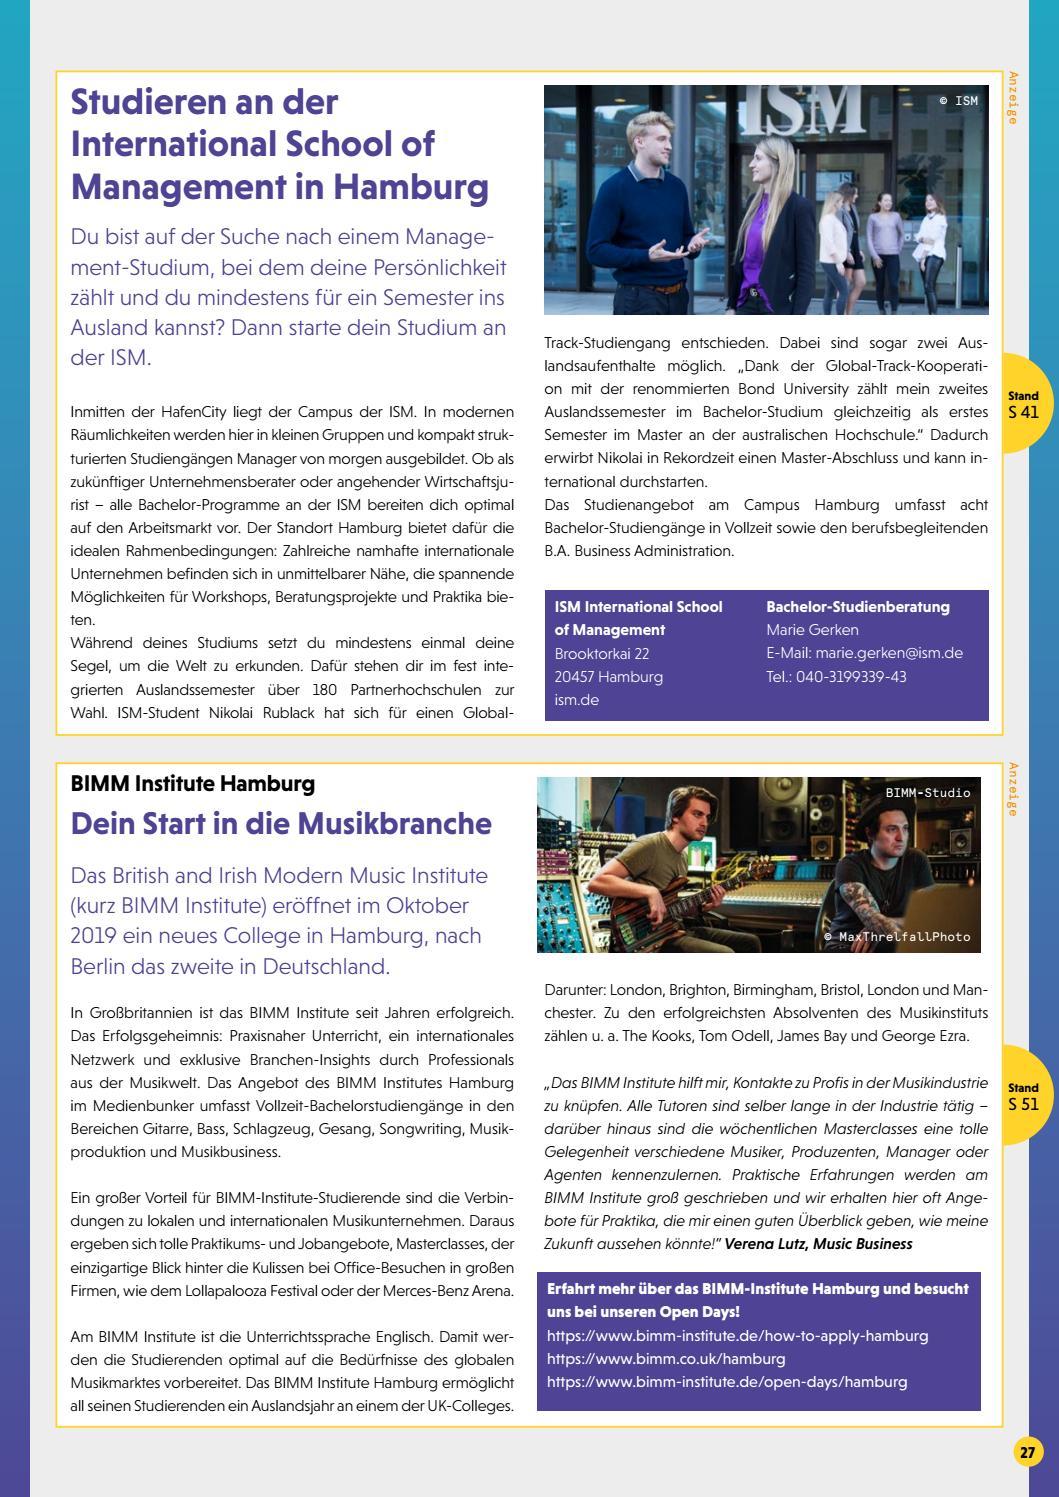 Einstieg Magazin Regionalausgabe Hamburg 2019 By Einstieg